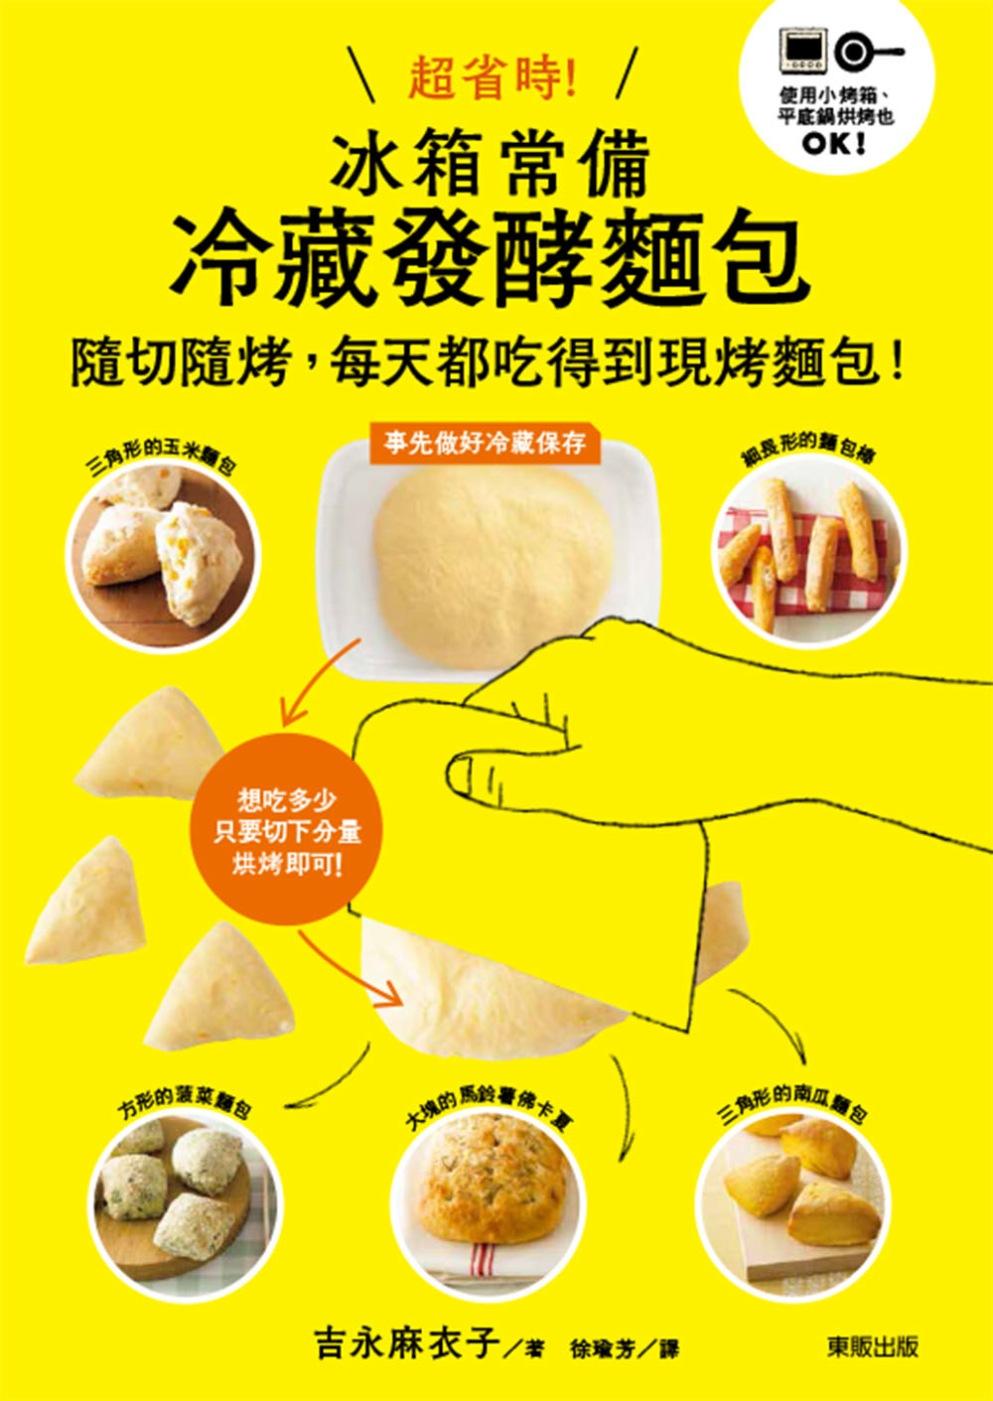 超省時!冰箱常備冷藏發酵麵包:隨切隨烤,每天都吃得到現烤麵包!